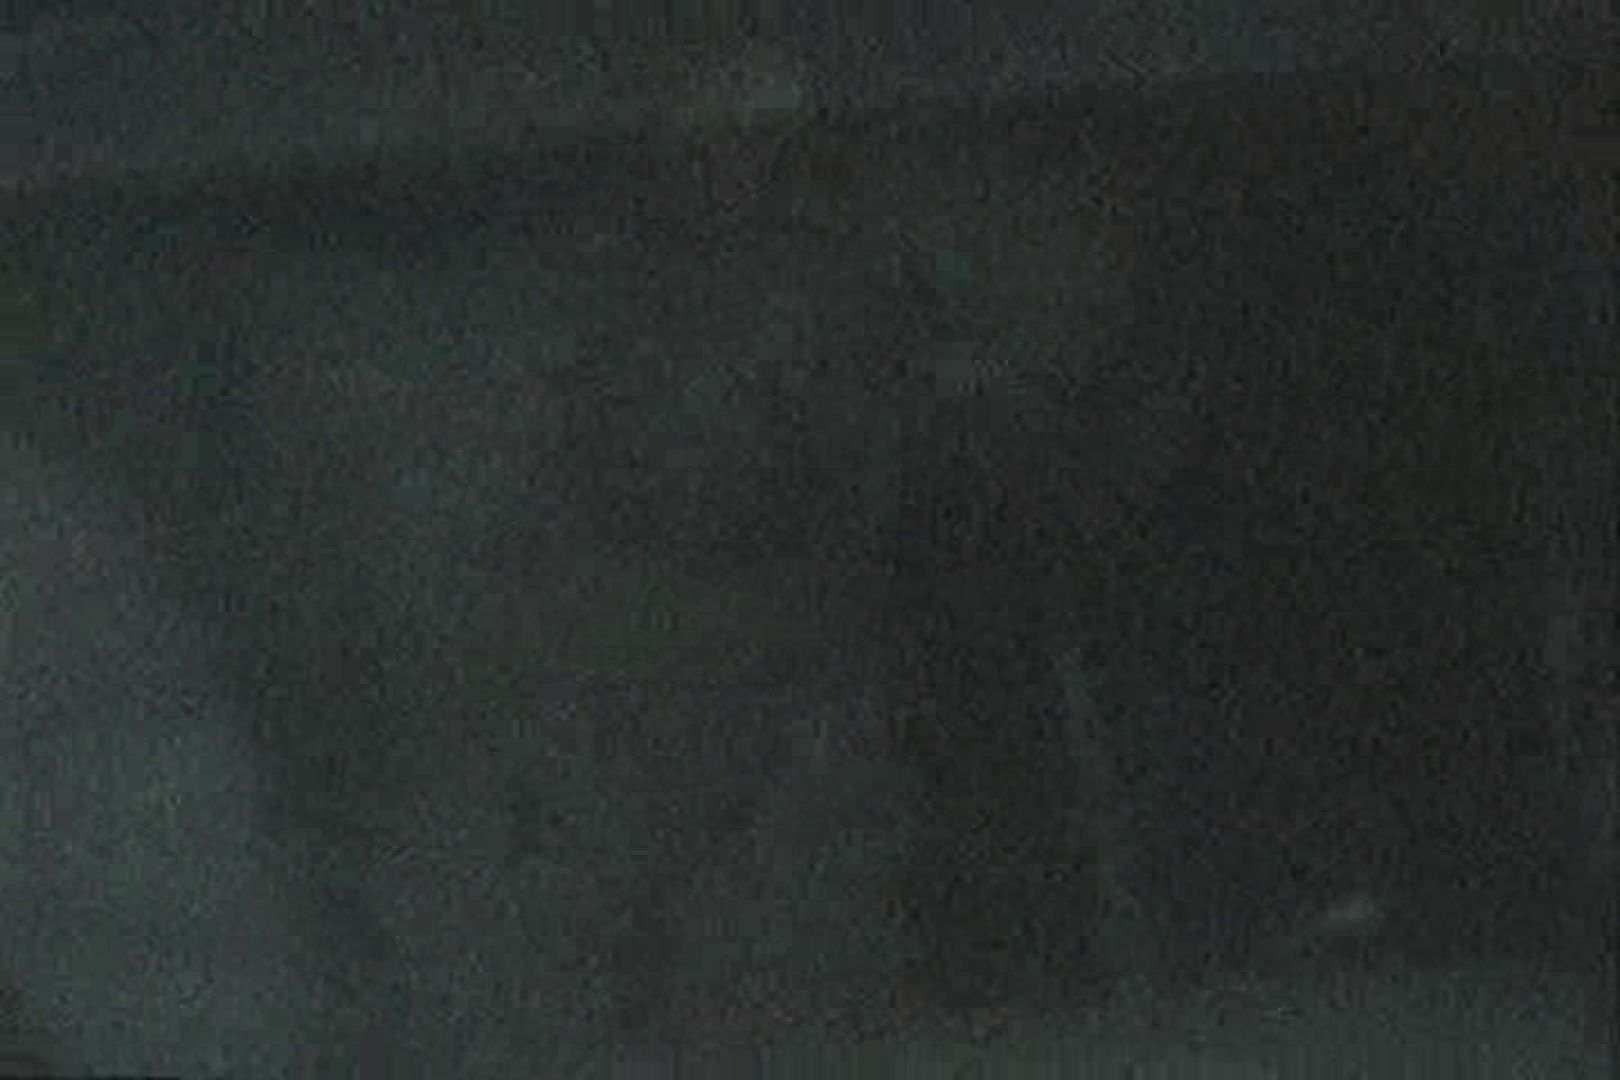 充血監督の深夜の運動会Vol.122 おまんこ無修正 盗み撮りSEX無修正画像 44pic 6